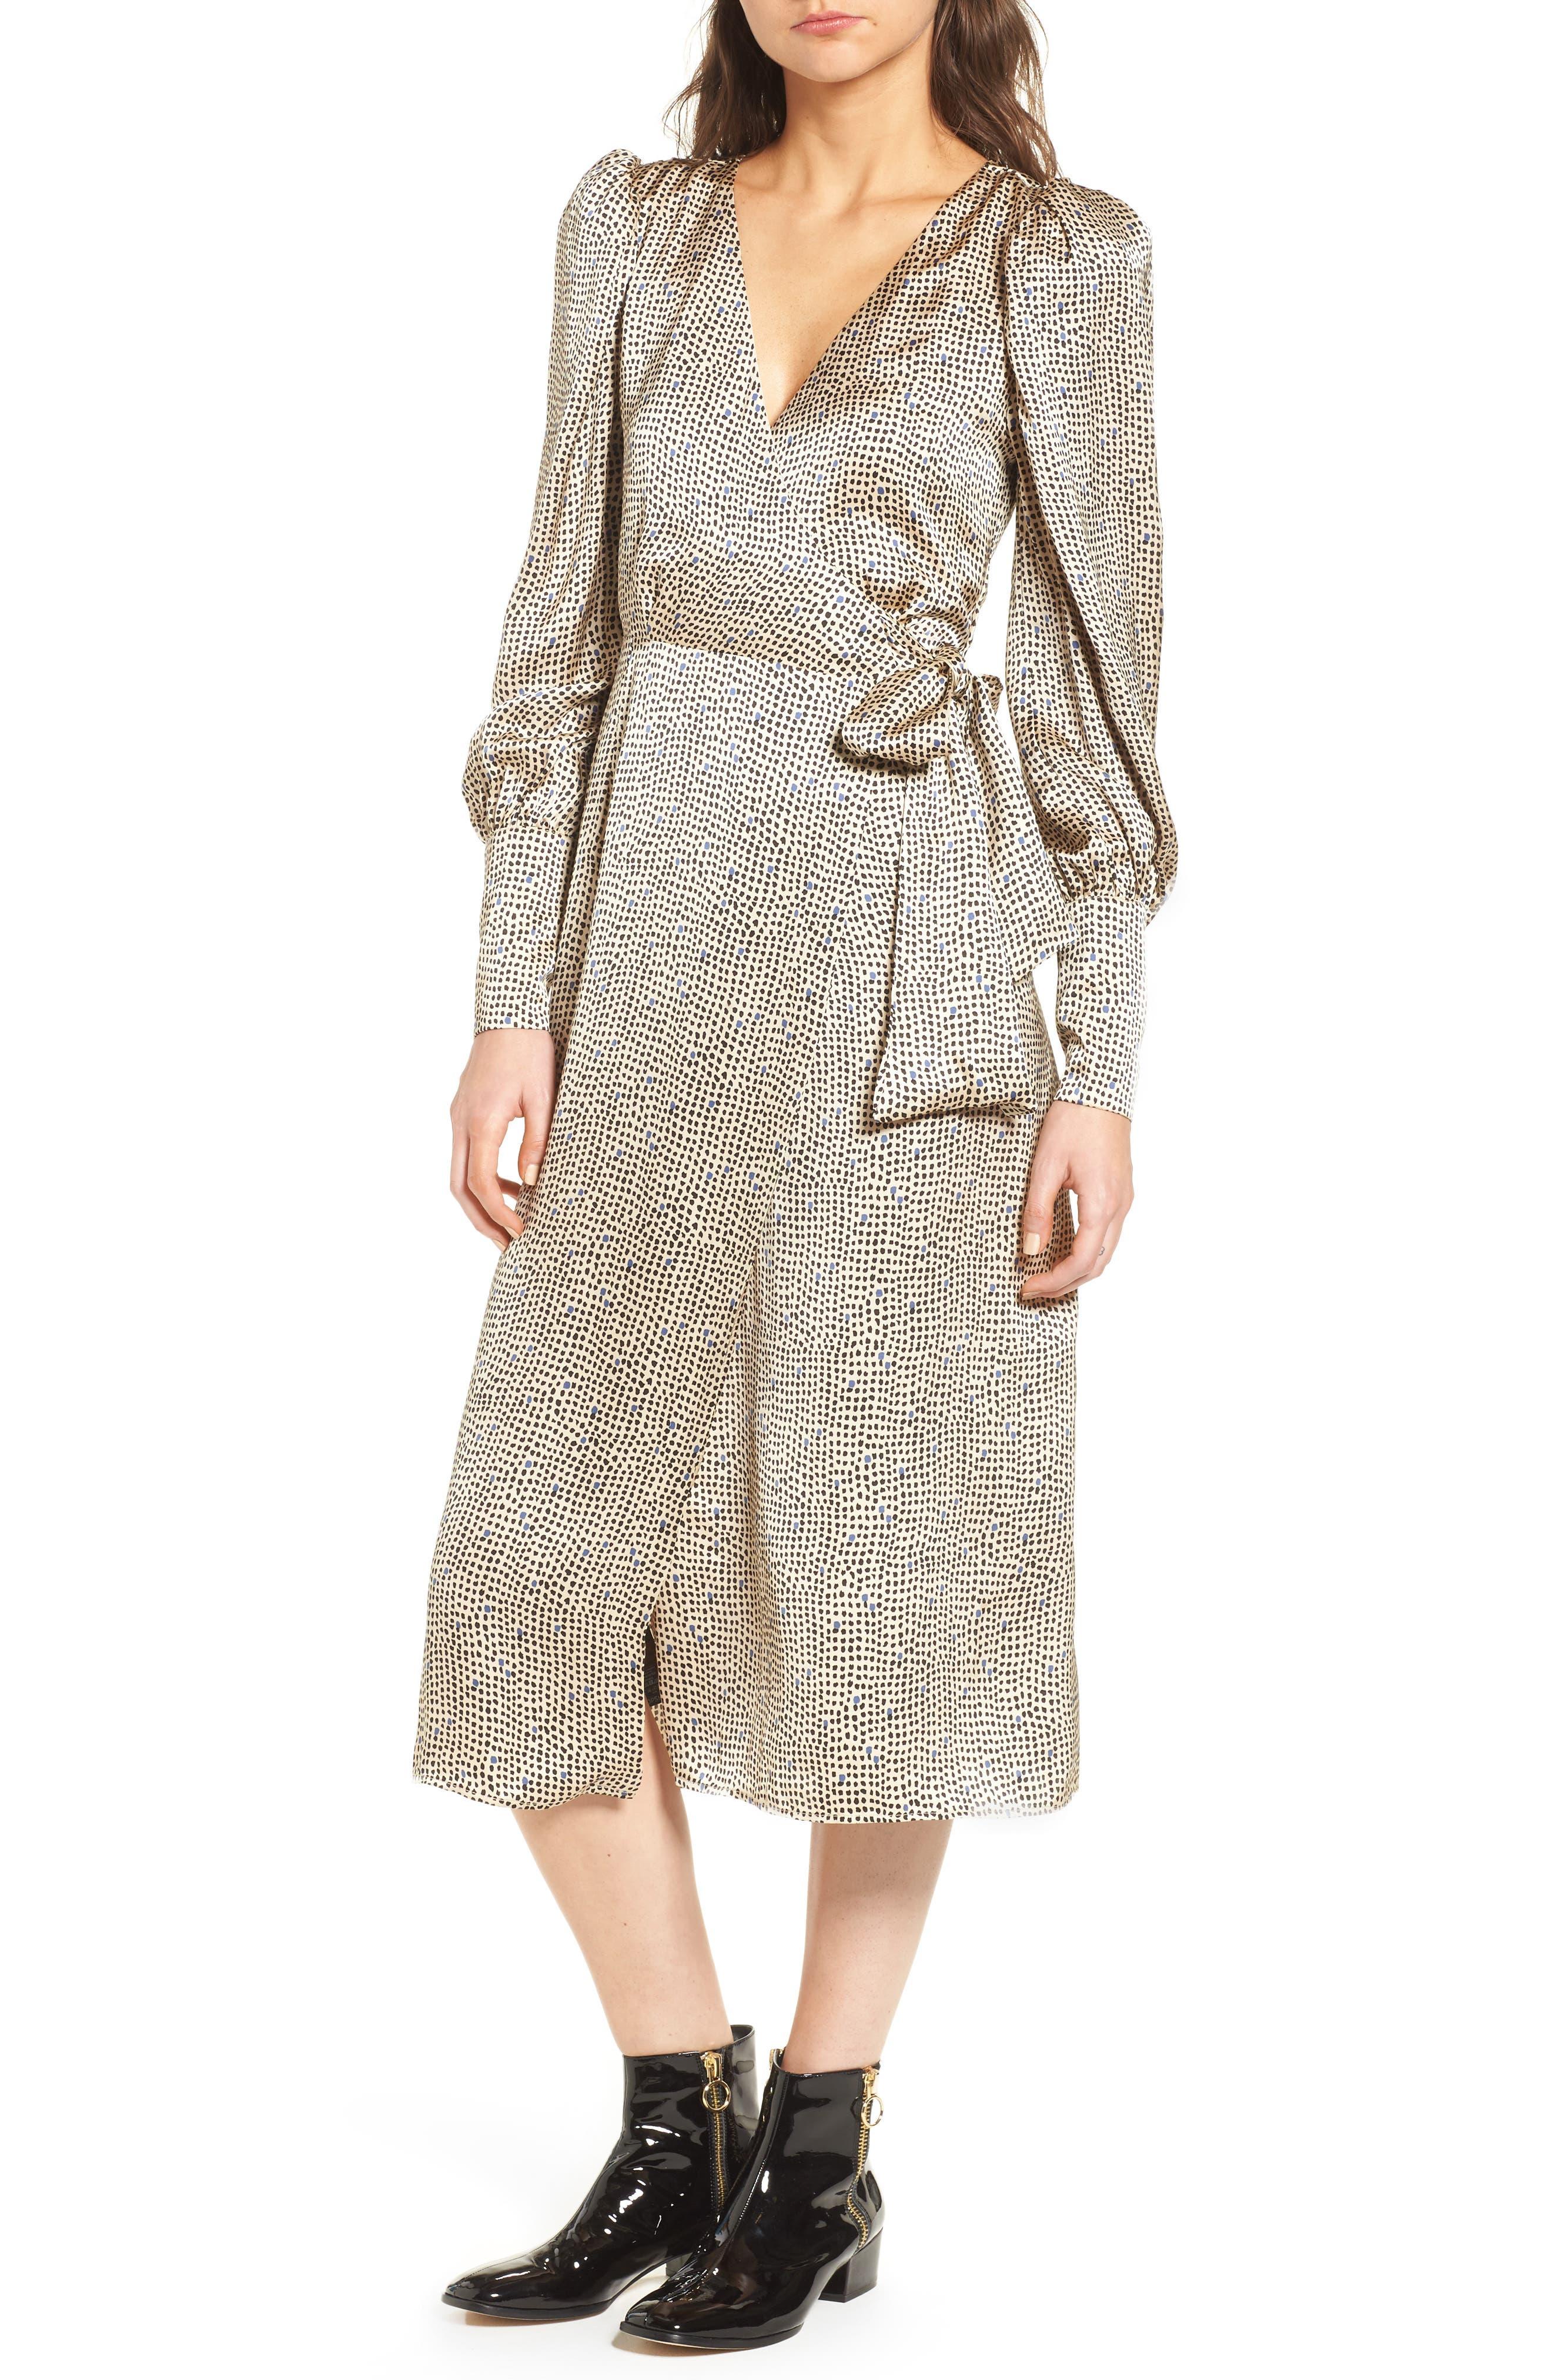 Topshop Boutique Mini Spot Wrap Dress